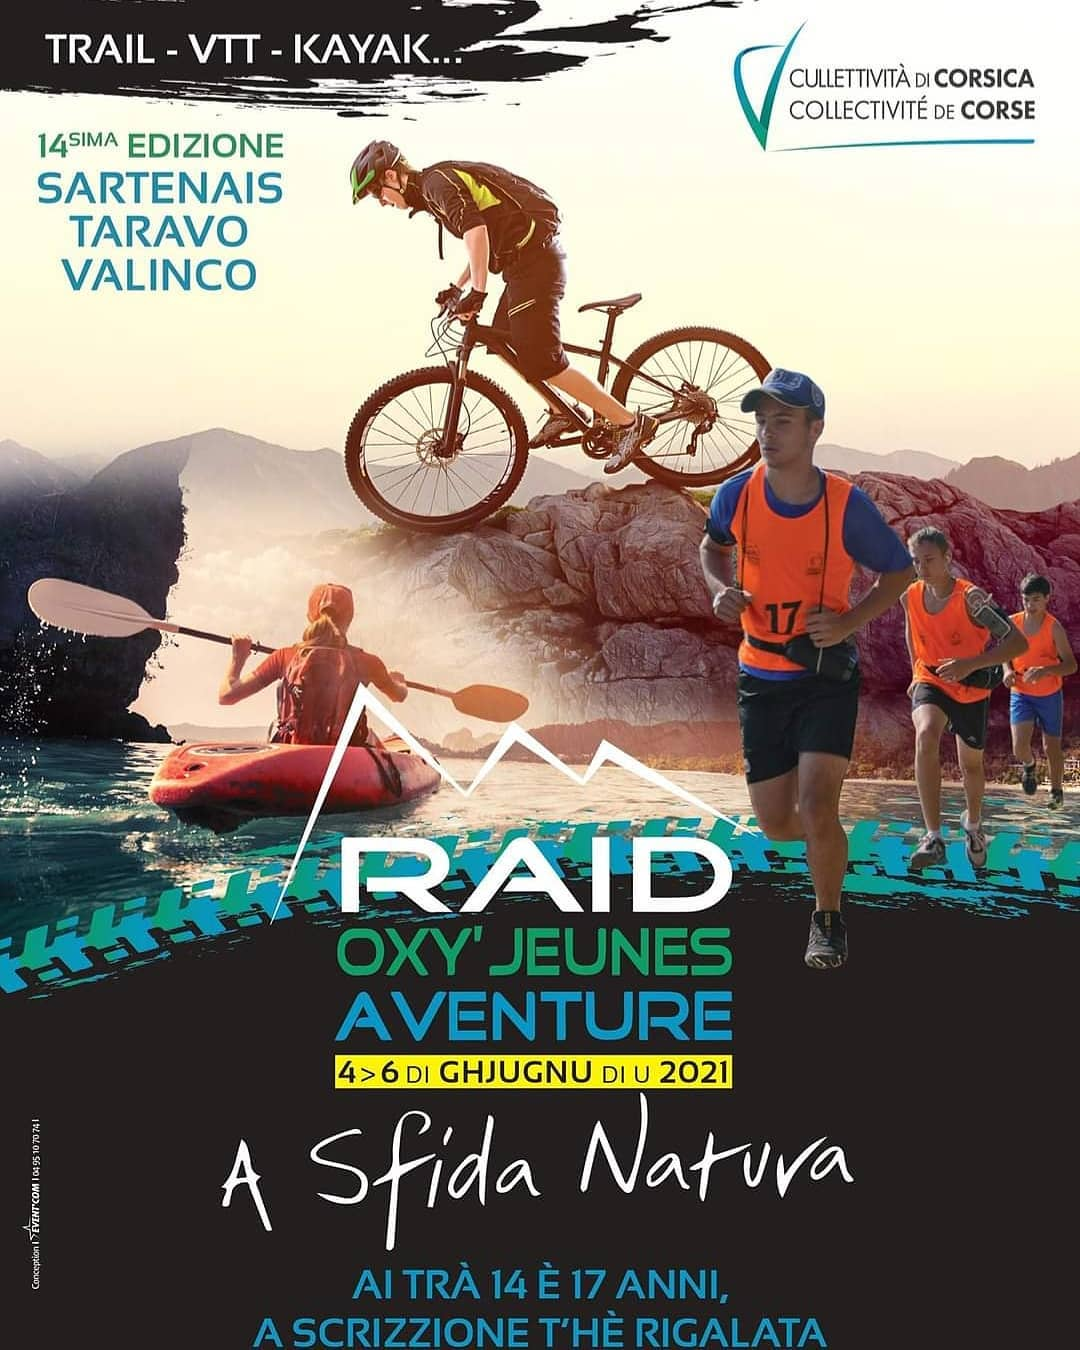 Raid Oxy'Jeunes Aventure - A sfida natura per i ghjovani da 14 à 17 anni